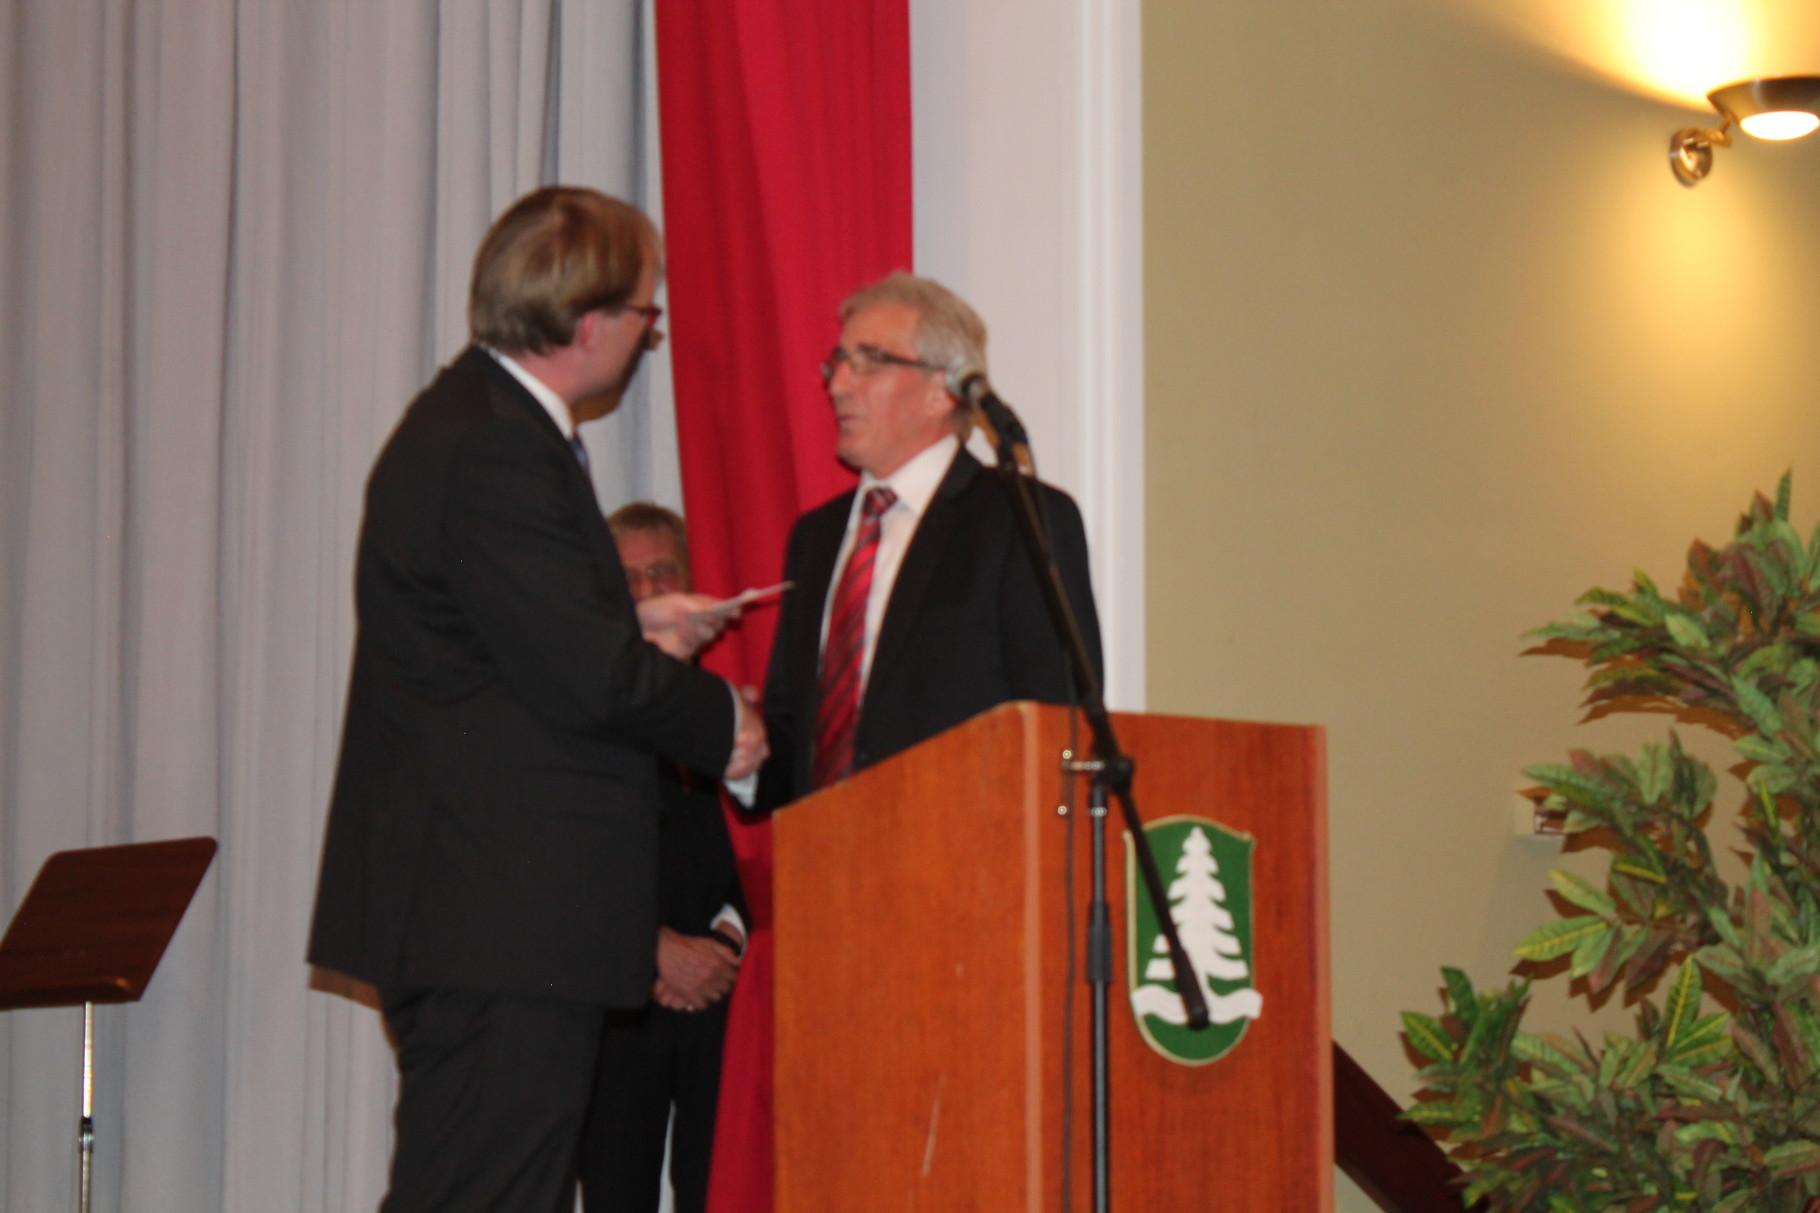 Festansprache Vorstand- Norbert Mohr